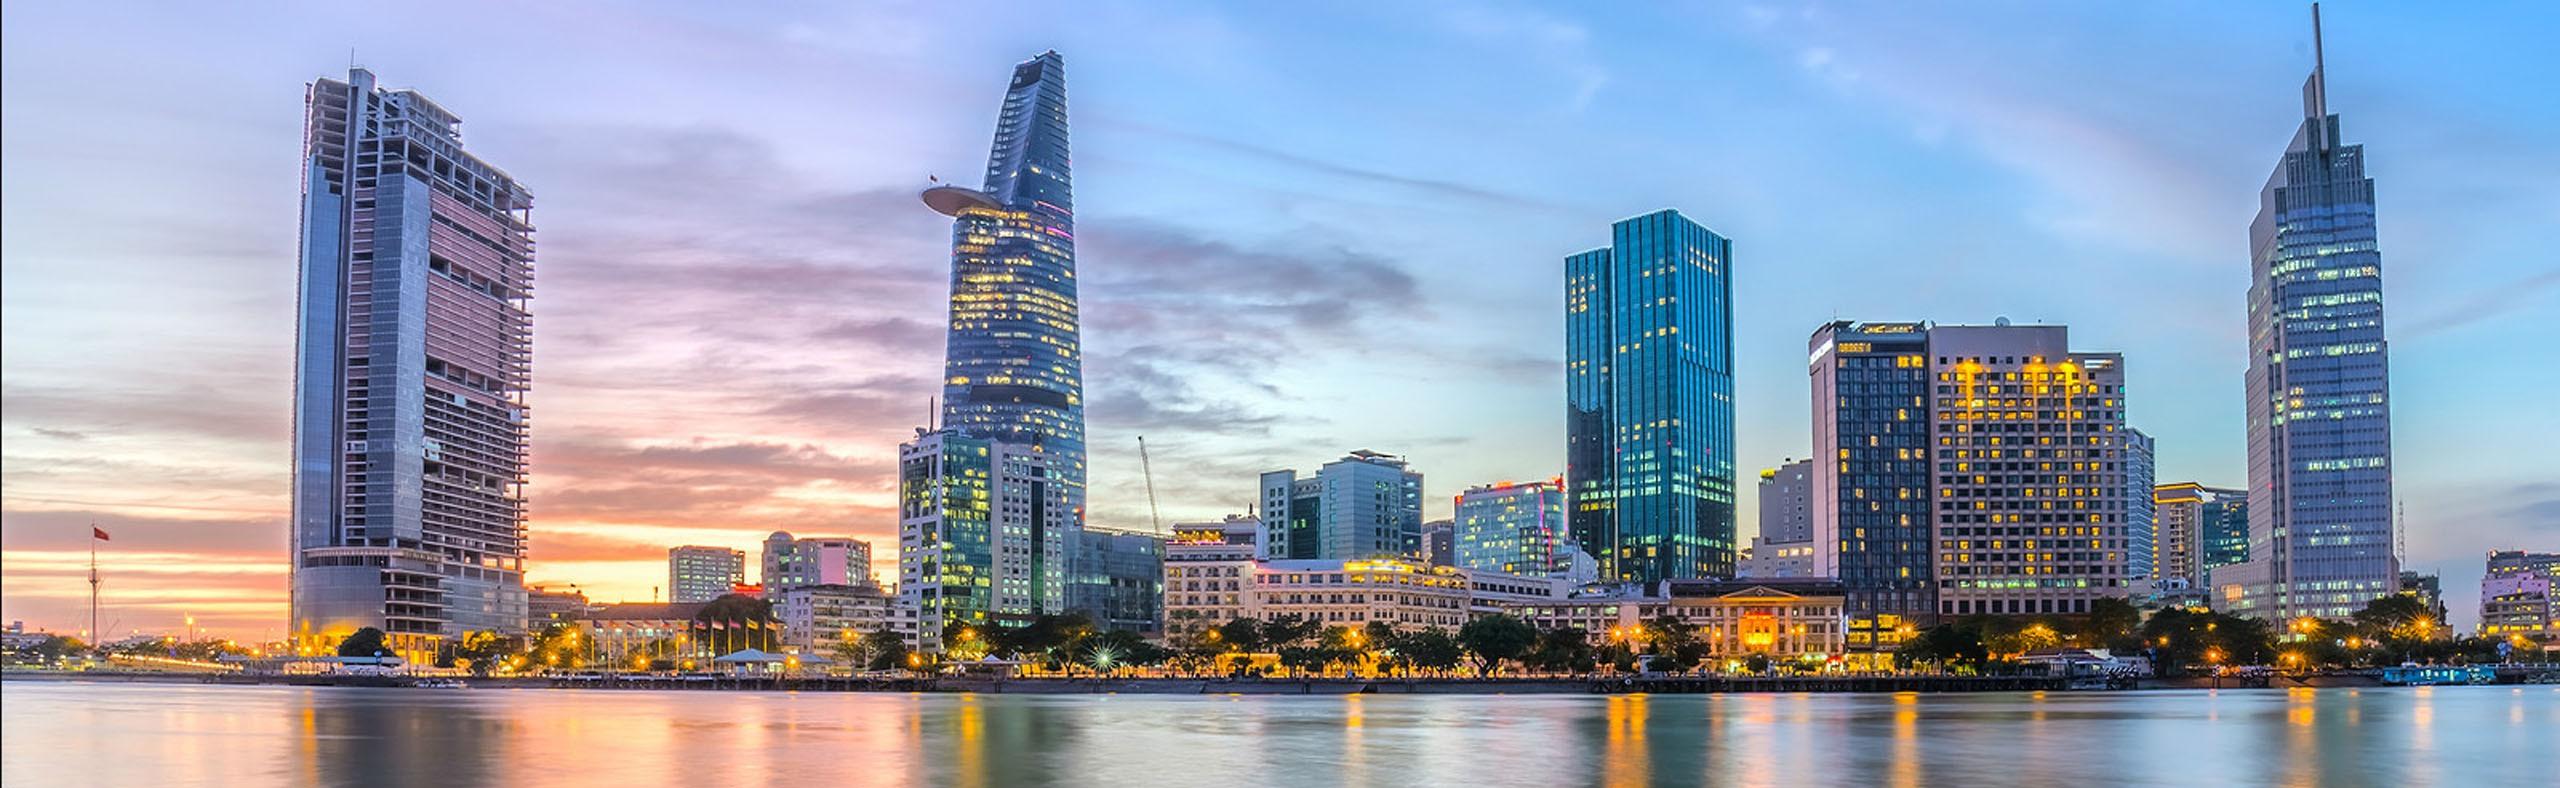 Nightlife in Ho Chi Minh City - Popular Spots for Nightlife